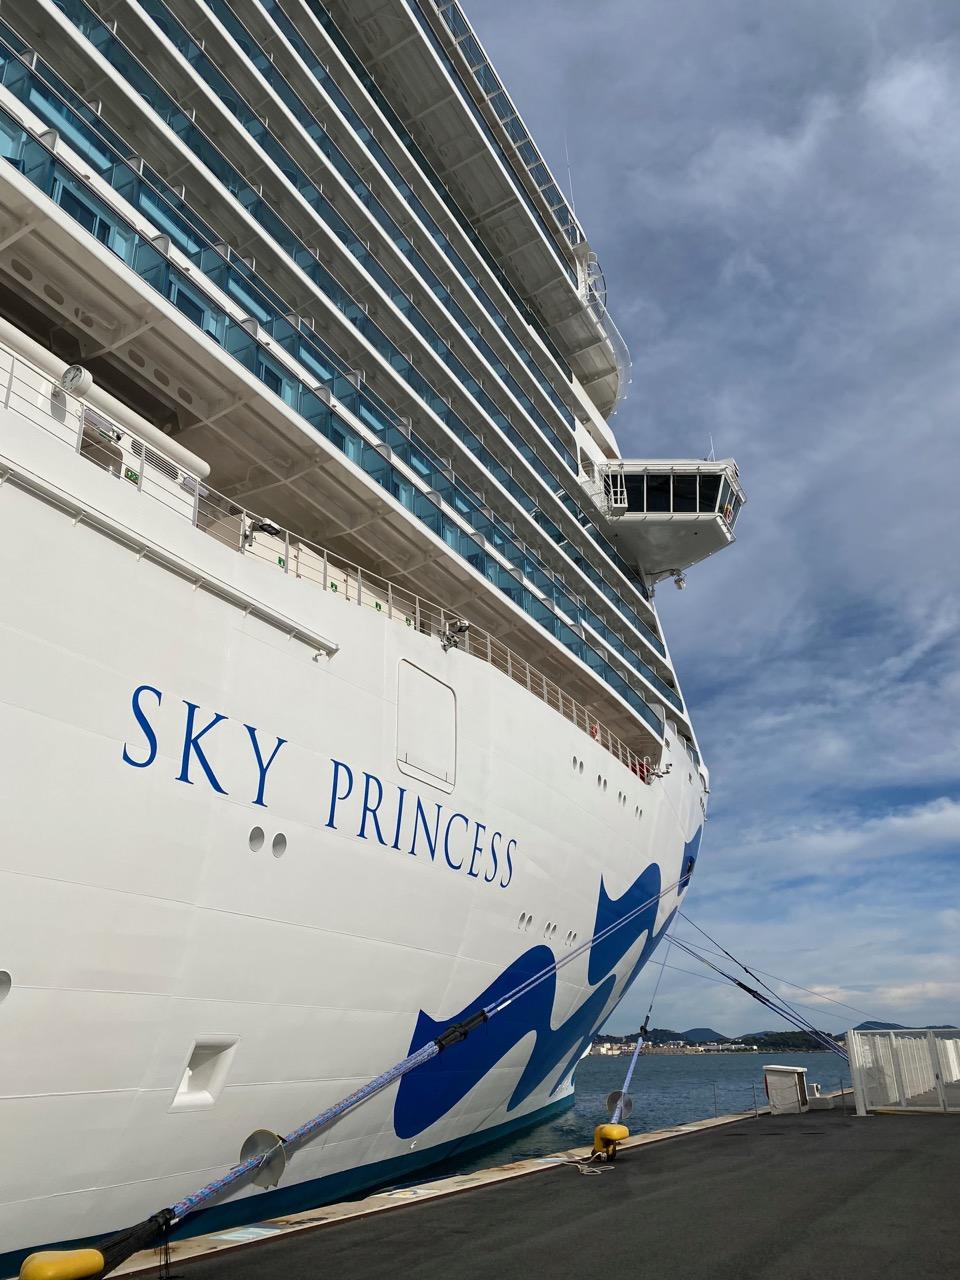 Princess Cruises: Sky Princess